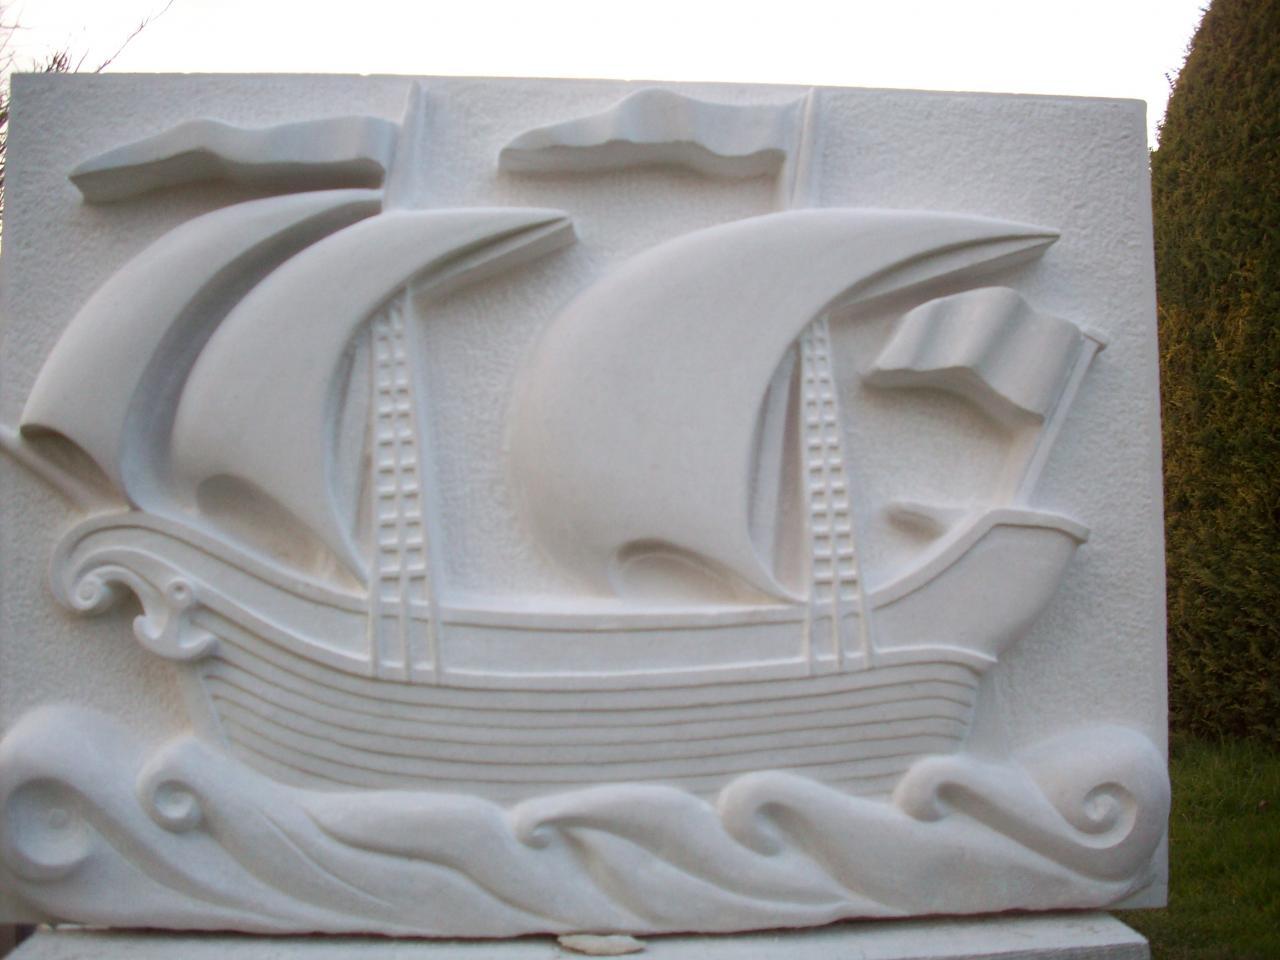 Bateau à voiles, genre caraque, réalisé sur de la pierre calcaire.